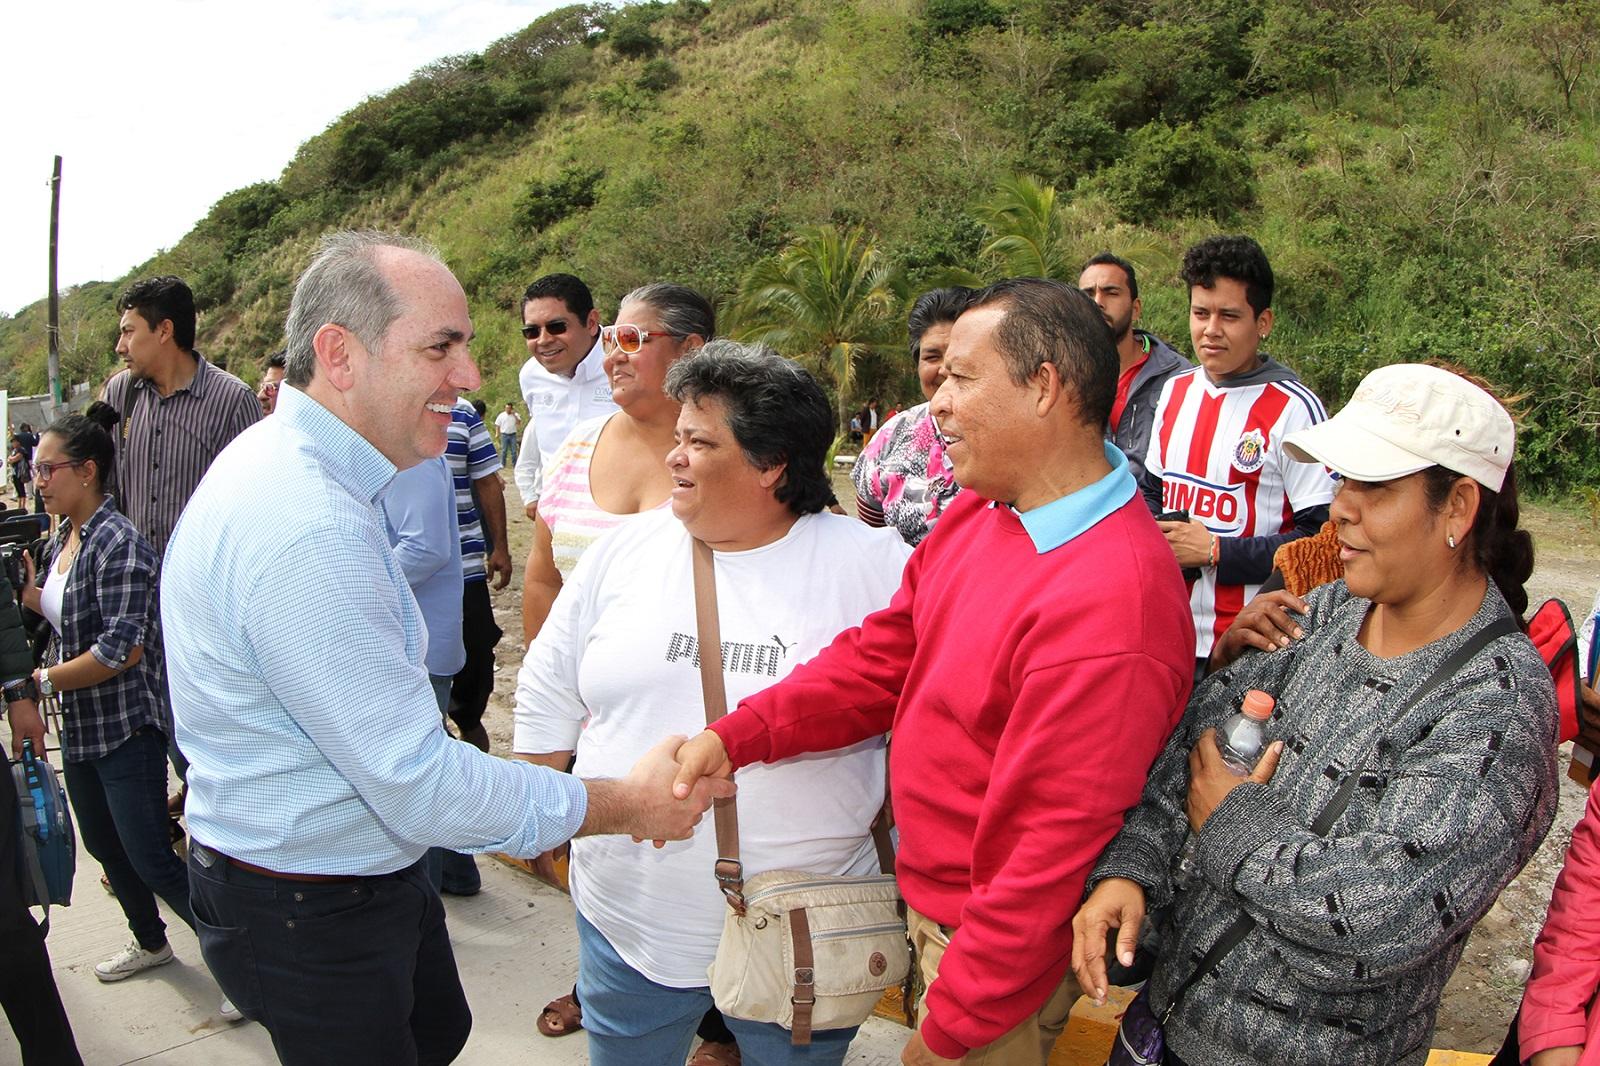 Las obras de protección a centros de población en Veracruz permiten enfrentar las afectaciones provocadas por los fenómenos hidrometeorológicos.